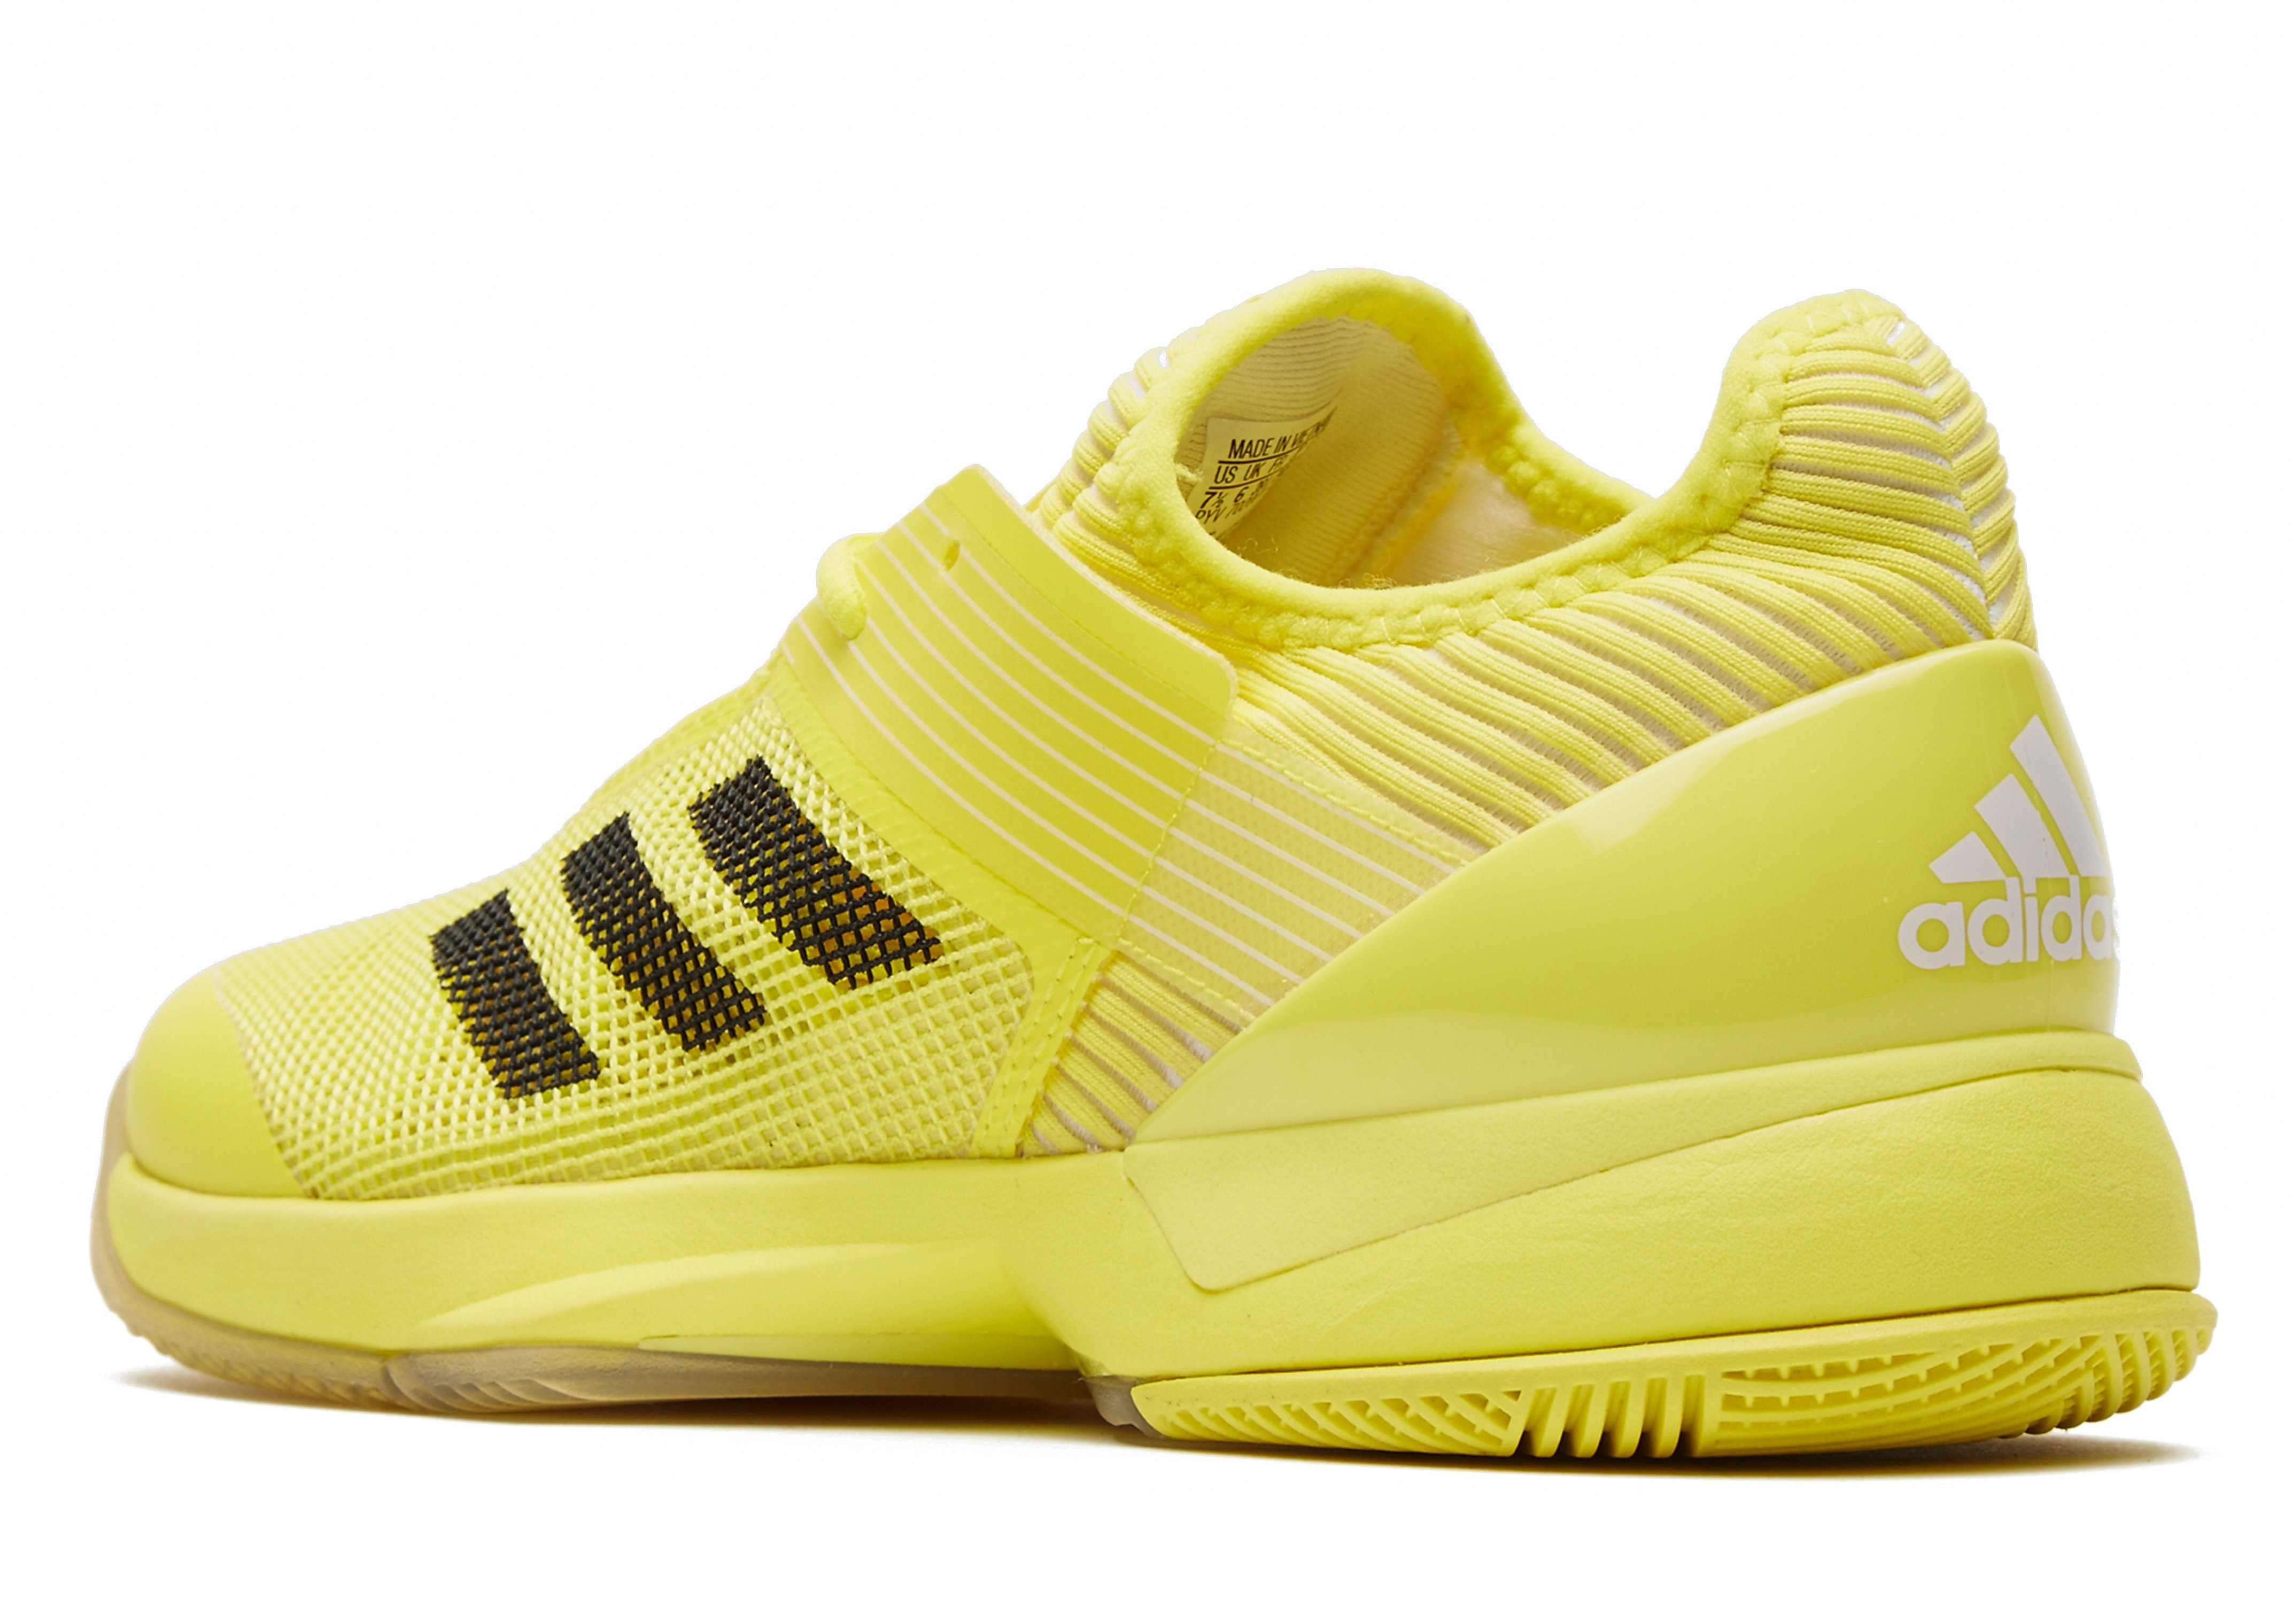 adidas Adizero Ubersonic 3.0 Womens